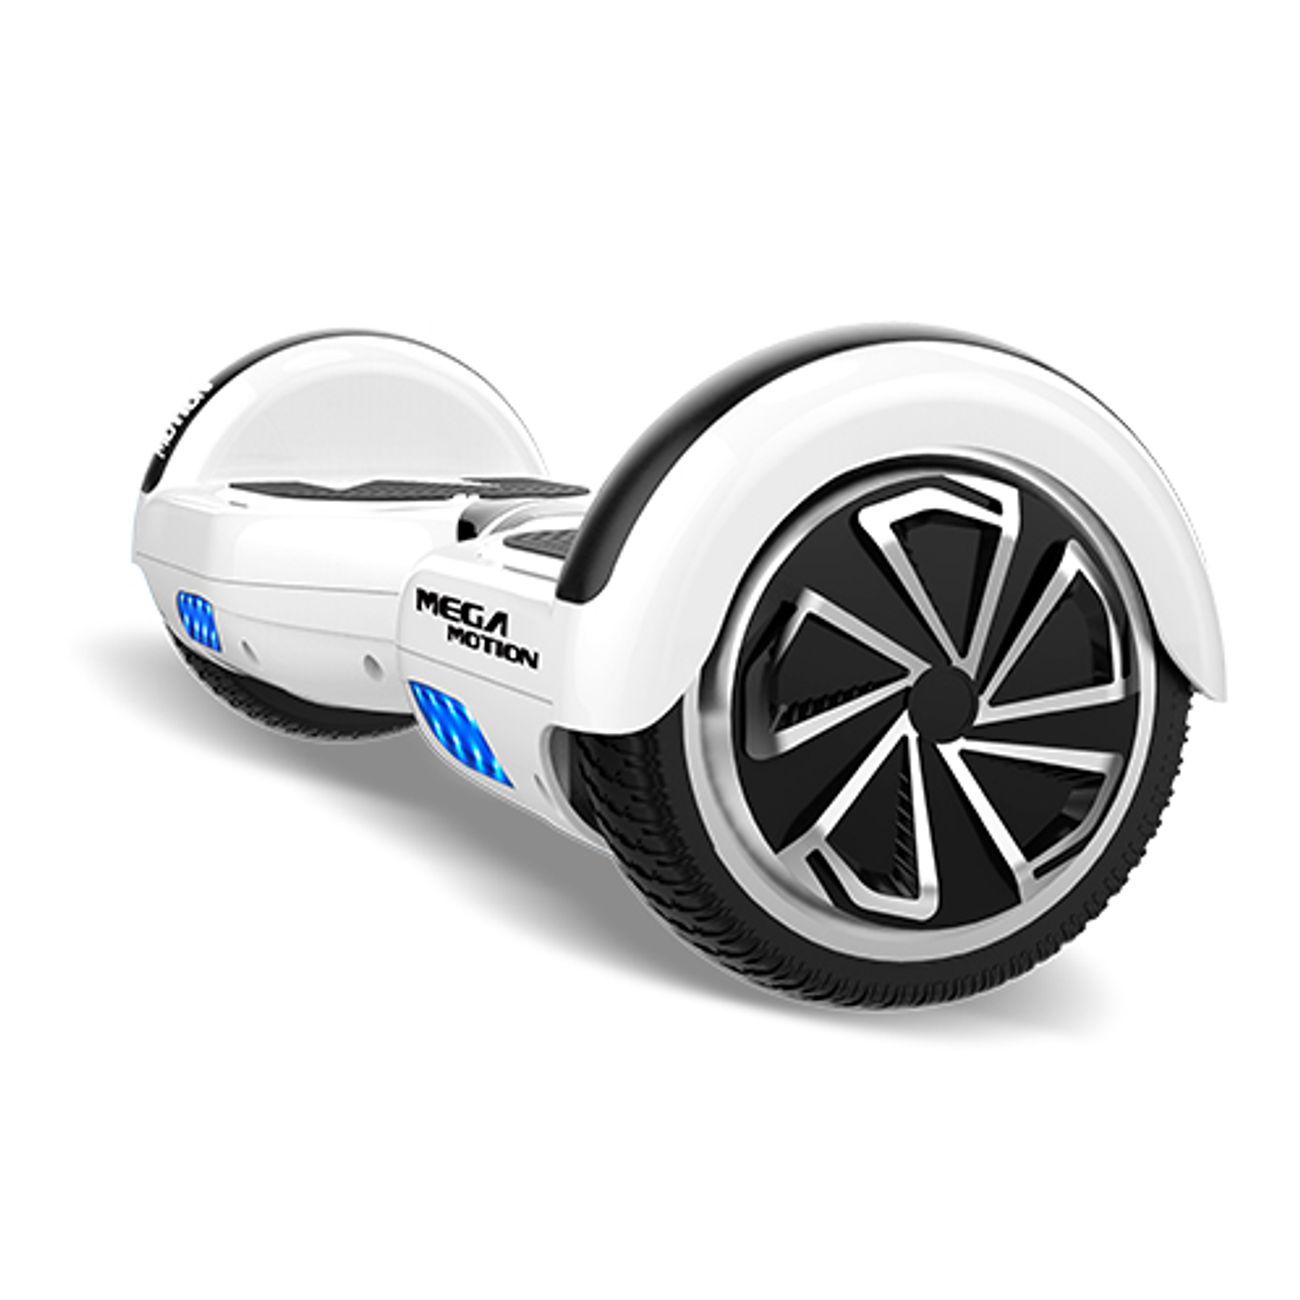 MEGA MOTION Mega Motion Hoverboard bluetooth 6.5 pouces, M1 hoverboard Blanc + Hoverkart noir, Gyropode Overboard Smart Scooter certifié, Kit kart